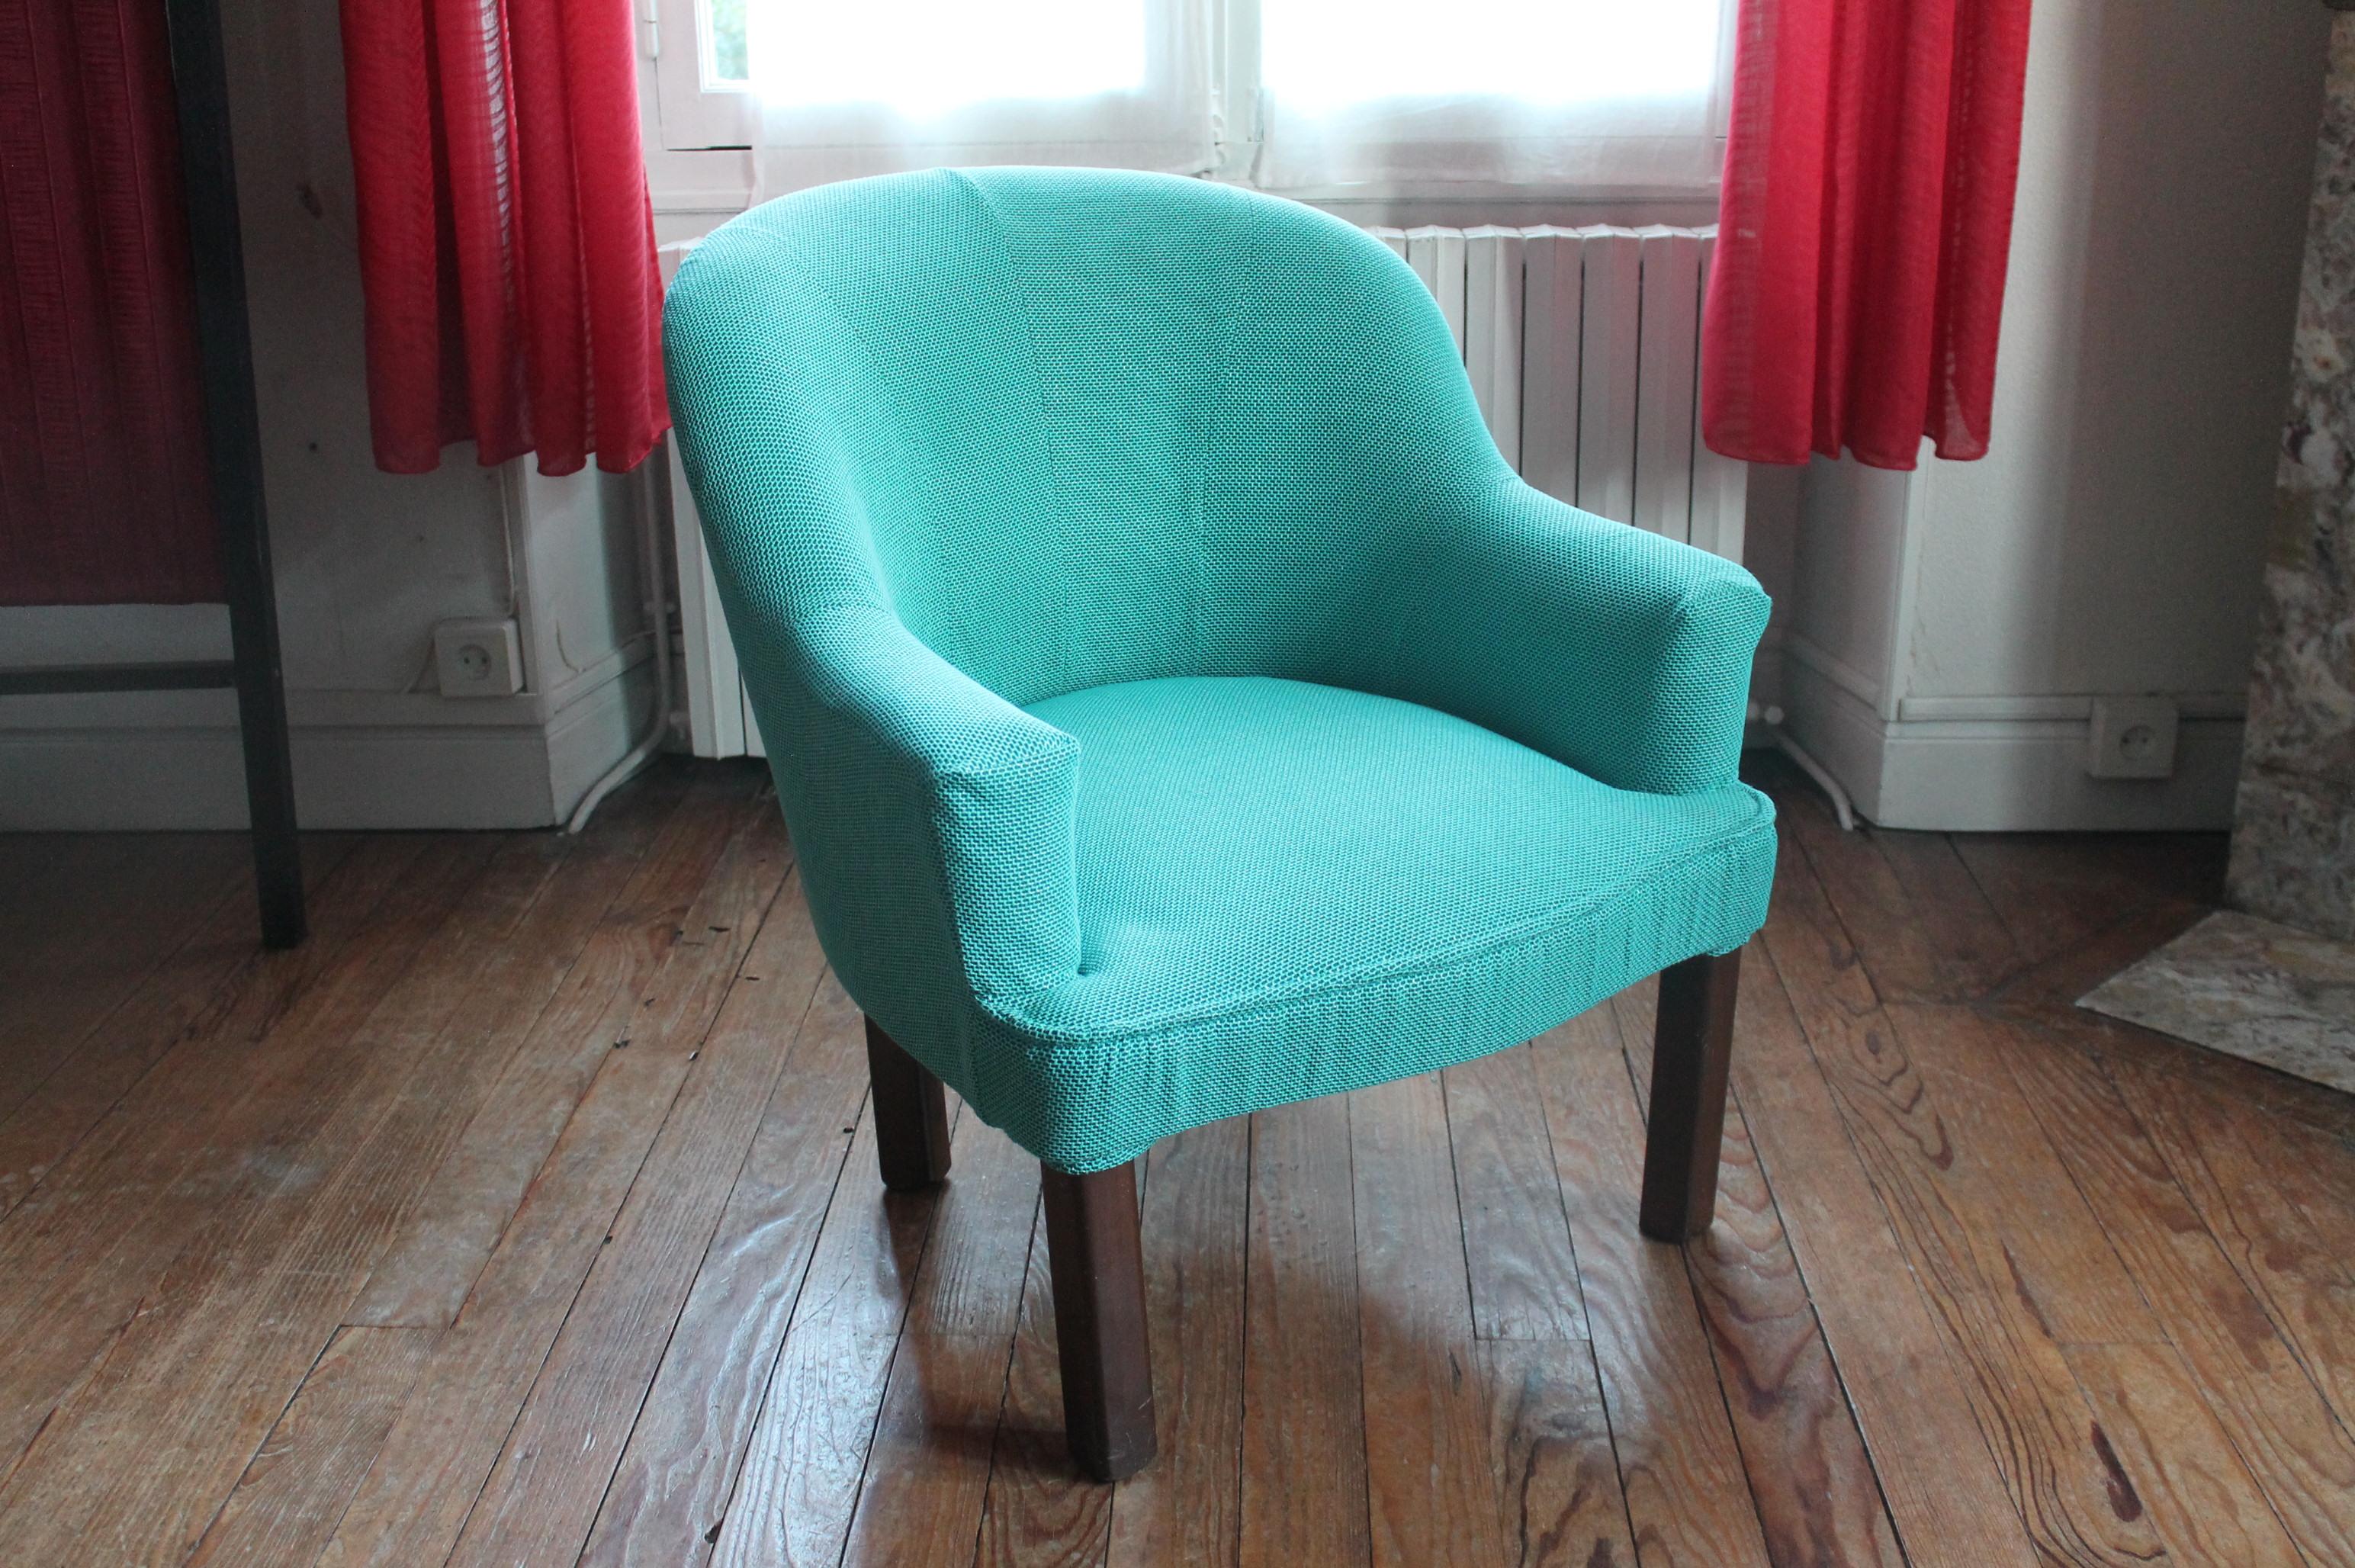 R fection exp rimentale d un fauteuil crapaud damngoodcaramel - Comment recouvrir un fauteuil crapaud ...